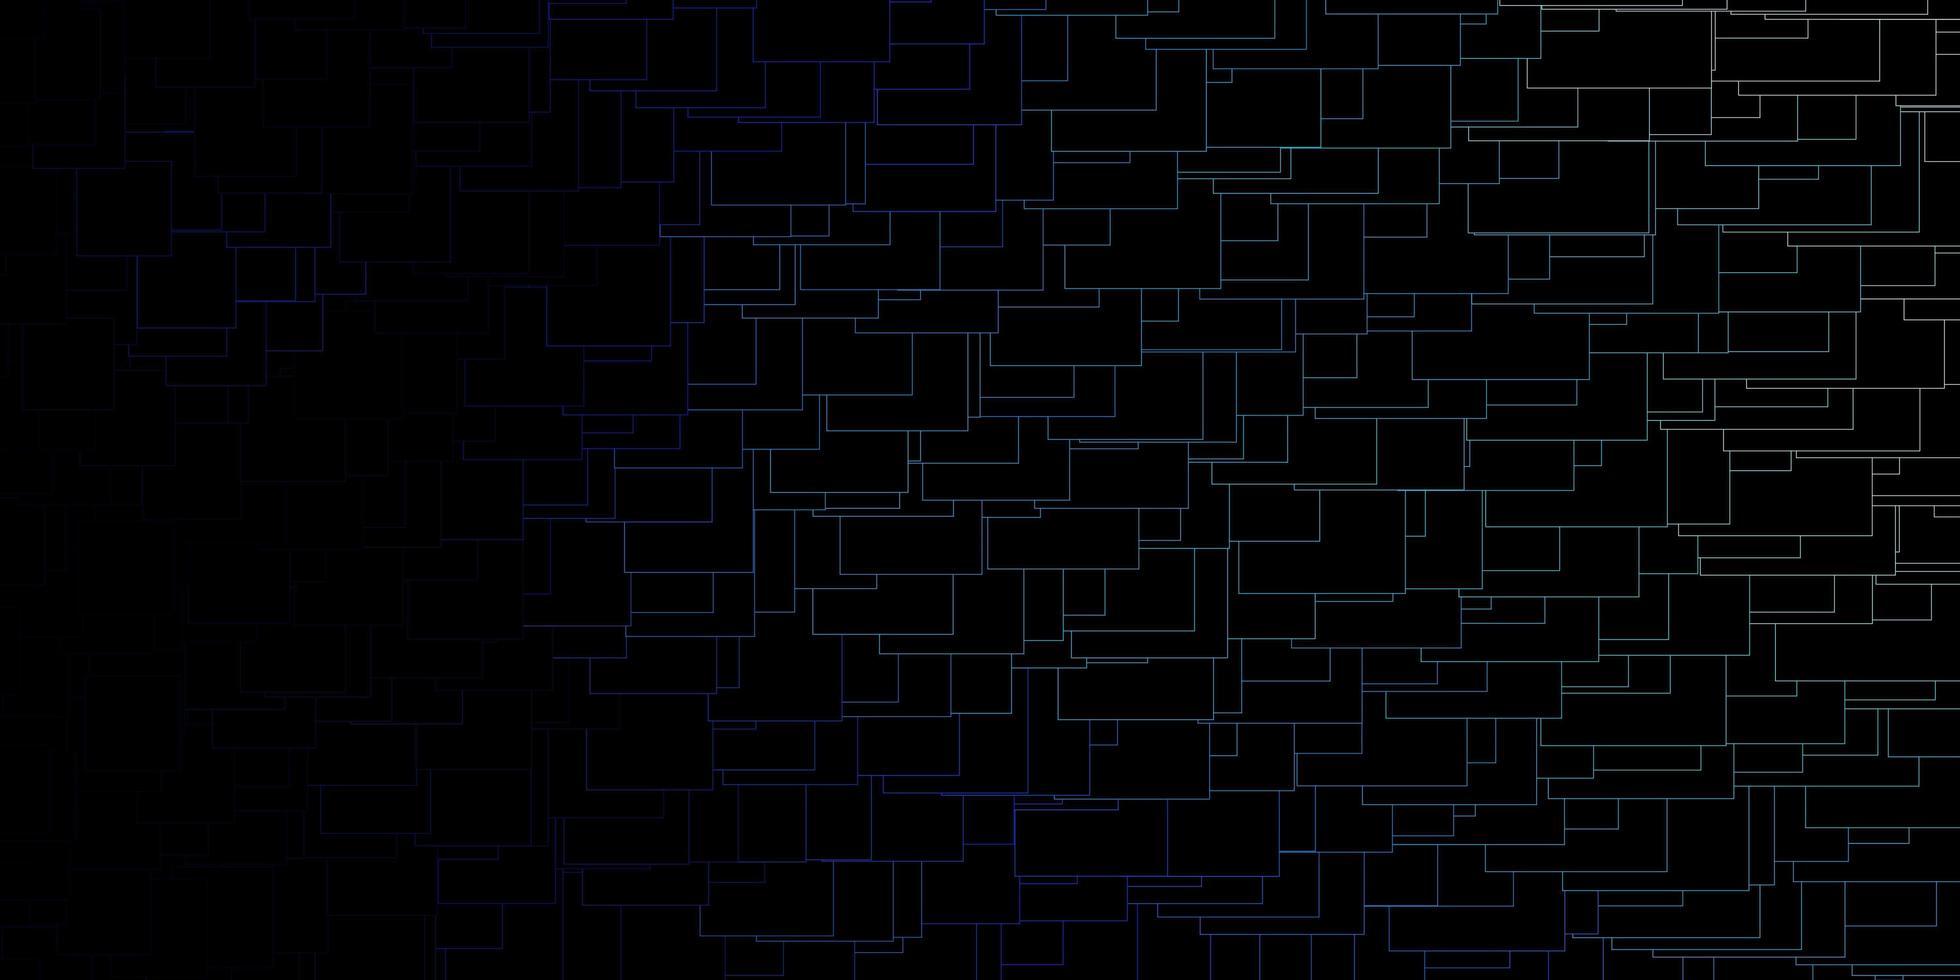 dunkles Layout mit blau umrandeten Rechtecken. vektor